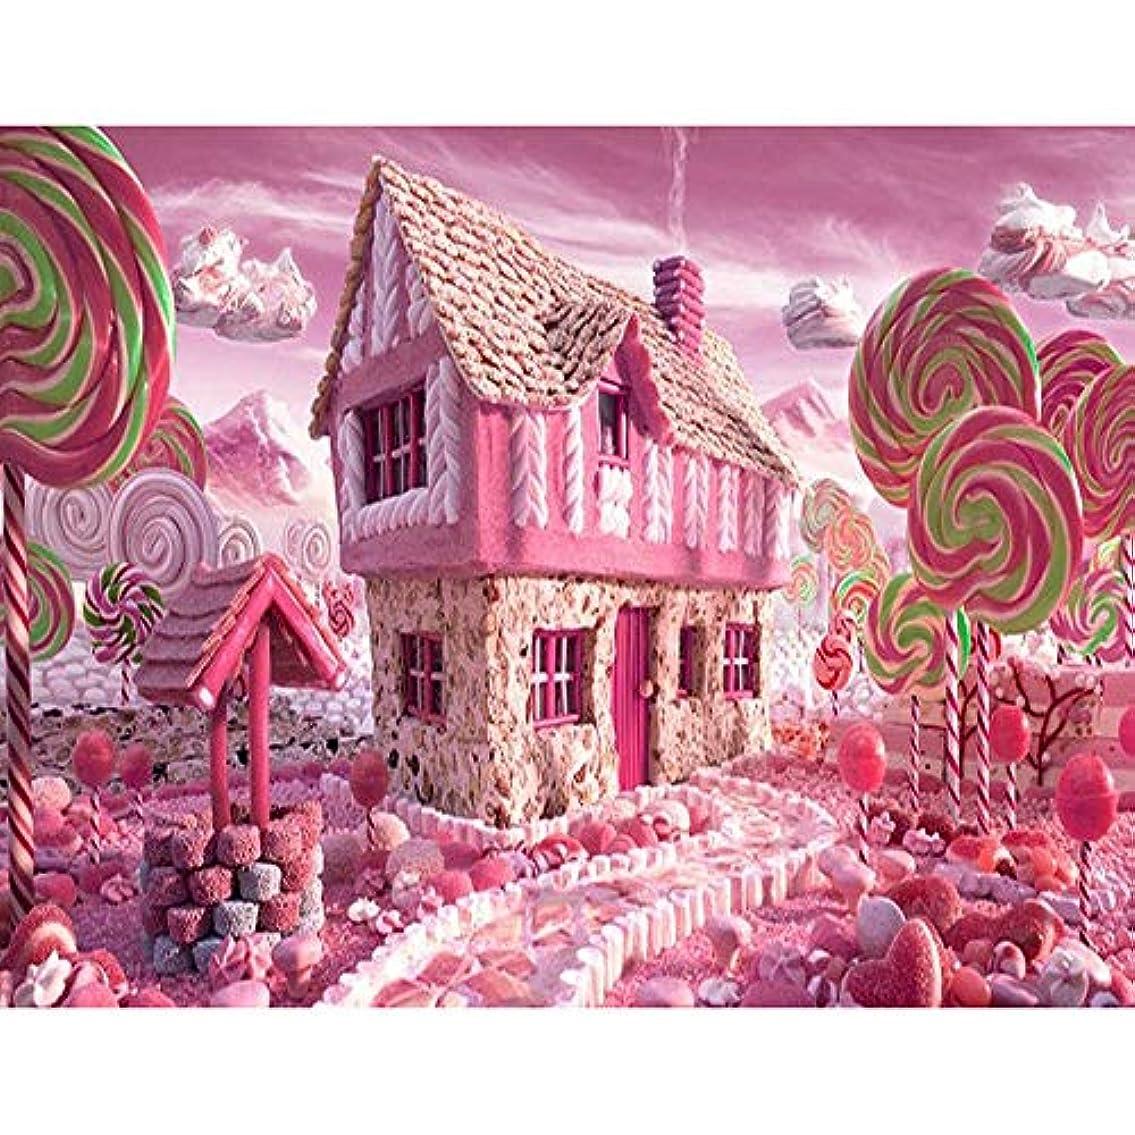 コロニアルクリップ蝶ホストZDDYX デジタル番号付き顔料塗装 ピンクの町絵画未完成の家の装飾ギフト